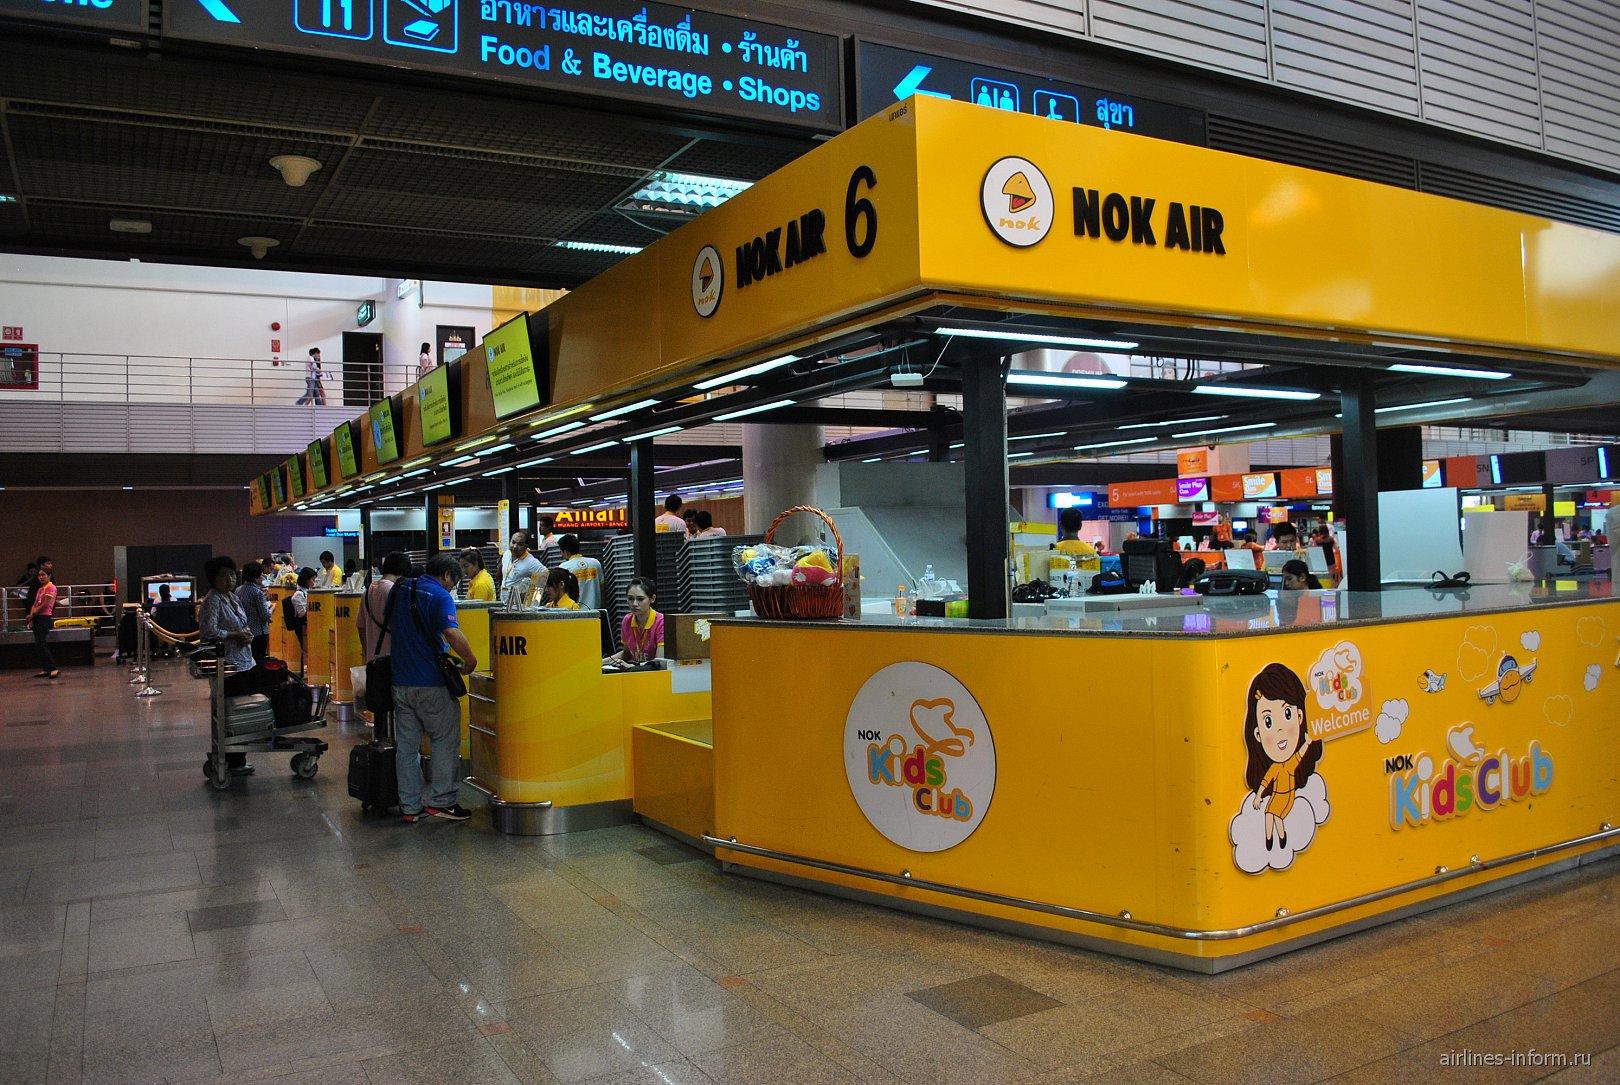 Стойки регистрации авиакомпании Nok Air в аэропорту Бангкок Дон Муанг